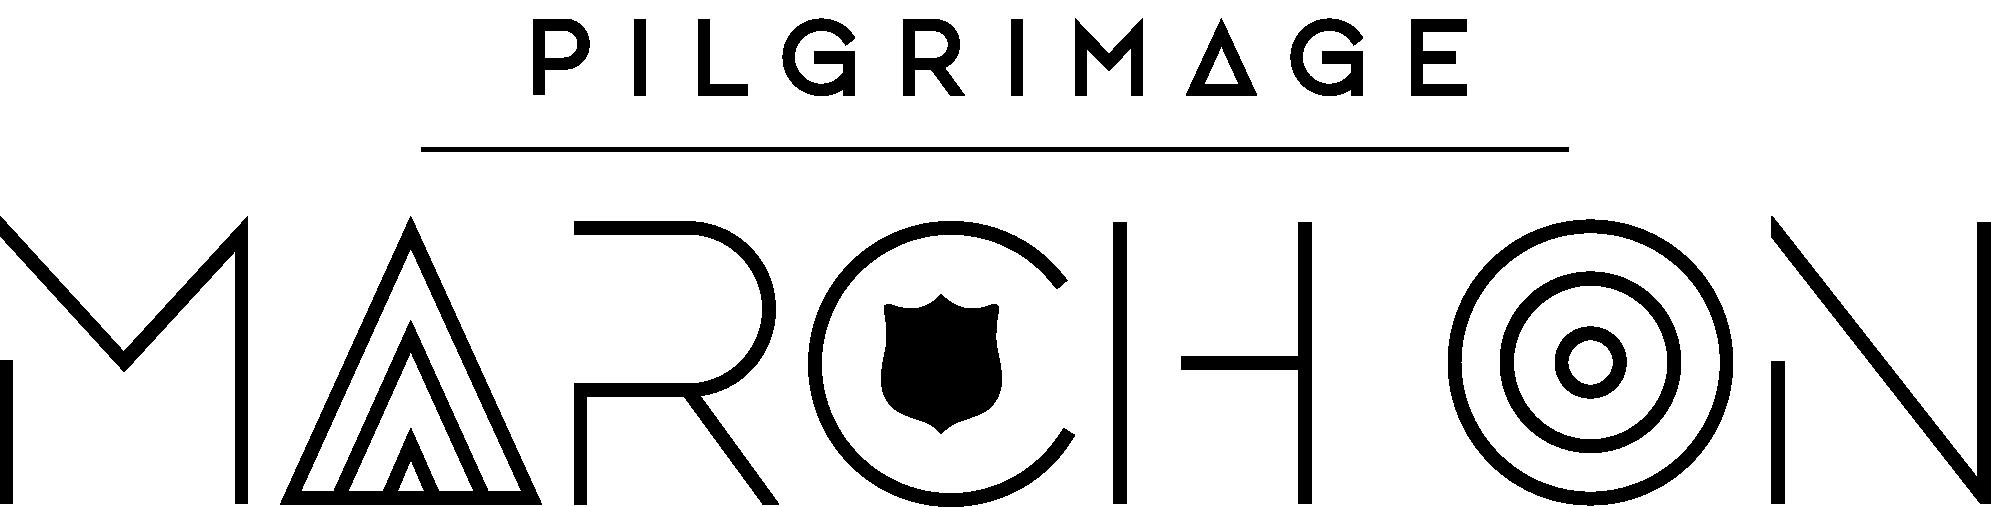 Pilgrimage Logo.png